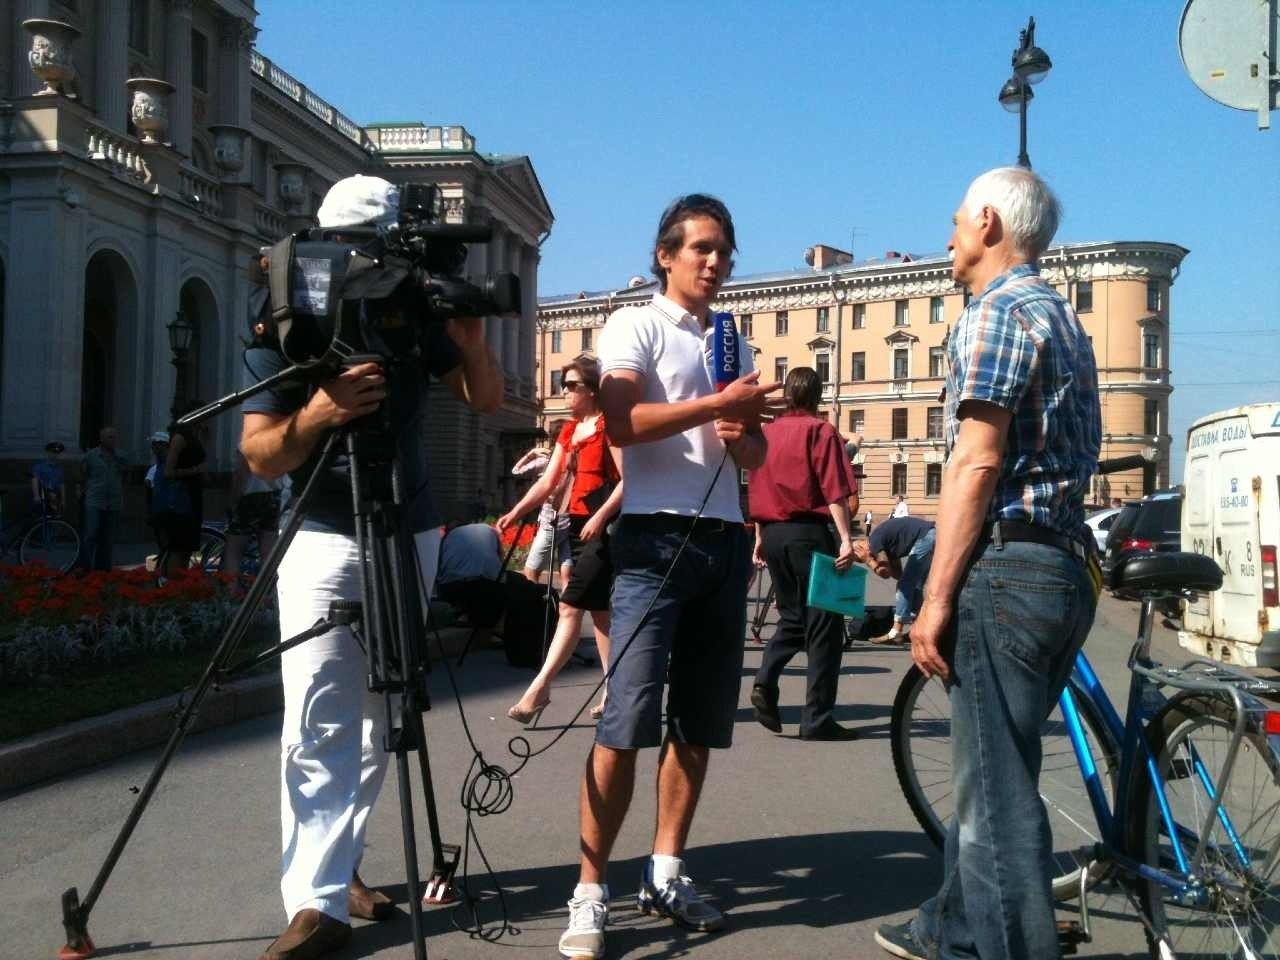 прокат велосипедов 5 канал